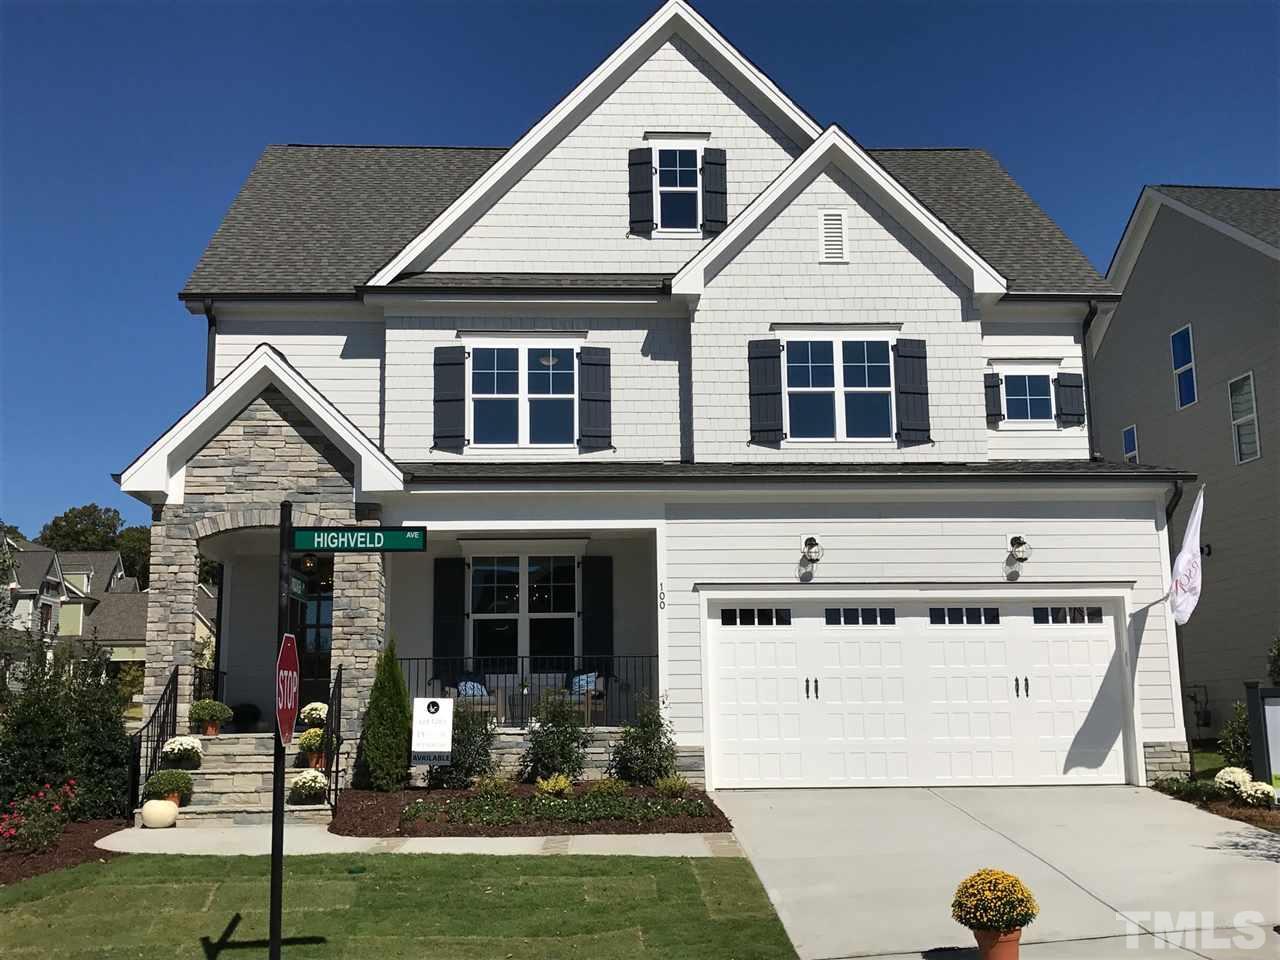 100 Highveld Avenue Lt1289, Chapel Hill, NC 27516